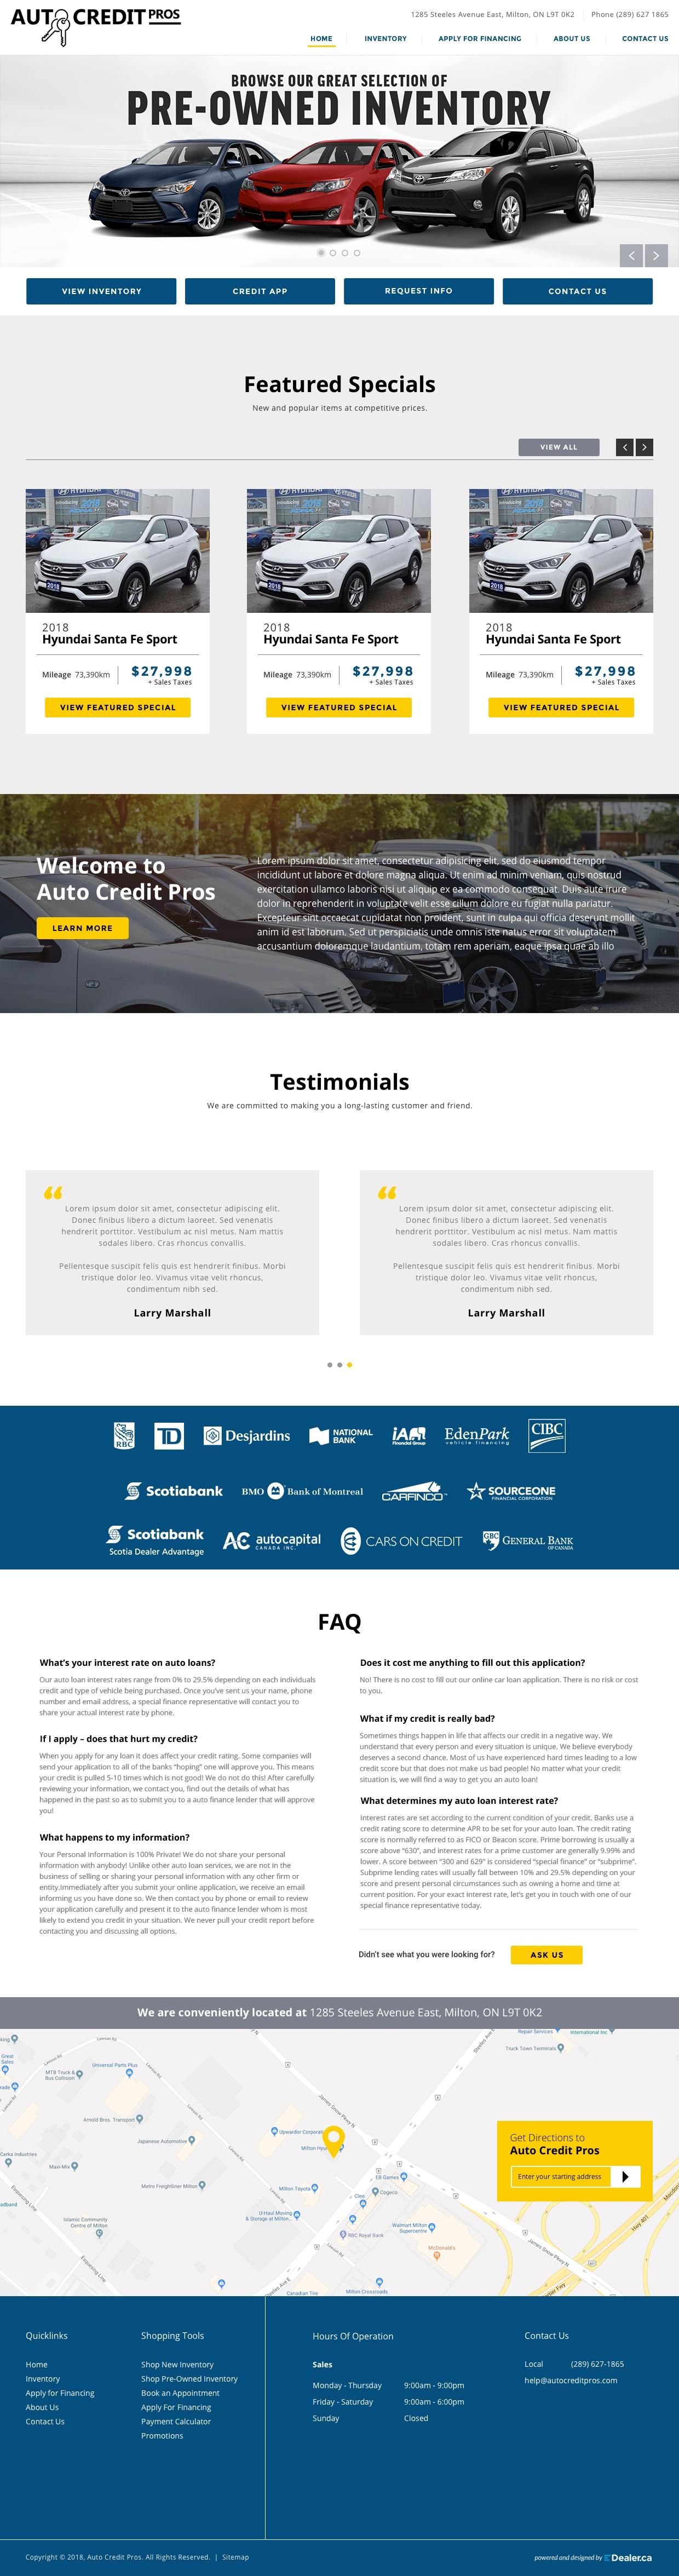 Auto Credit Pros